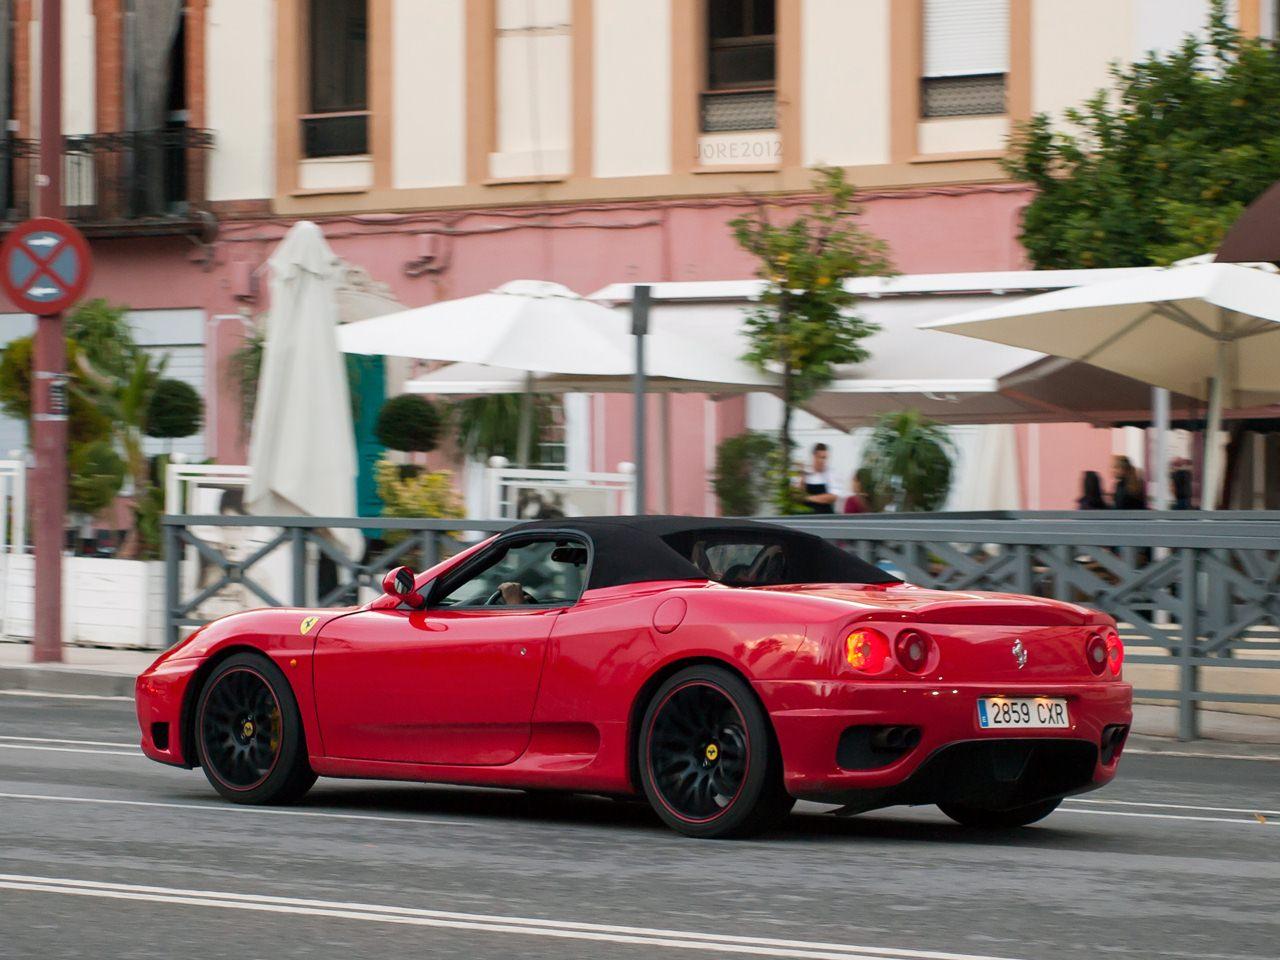 2000 (?). РЕПЛИКАР Ferrari 360. Испания. Севилья. Автор неизвестен